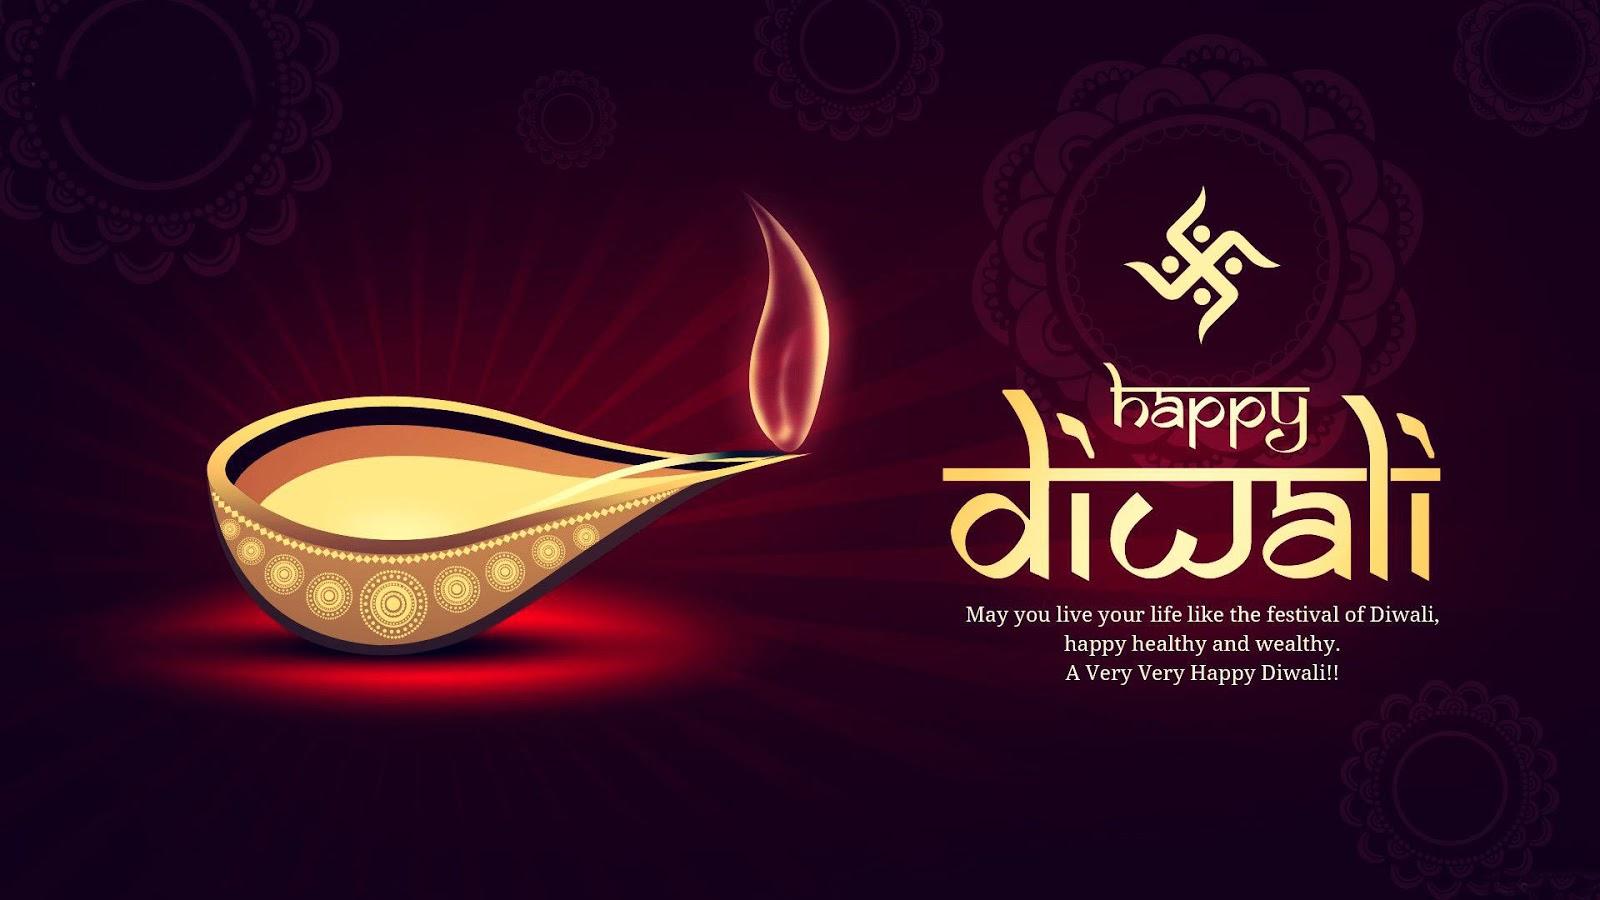 Happy diwali greetings beautiful diwali greetings cards hd handmade diwali greeting cards m4hsunfo